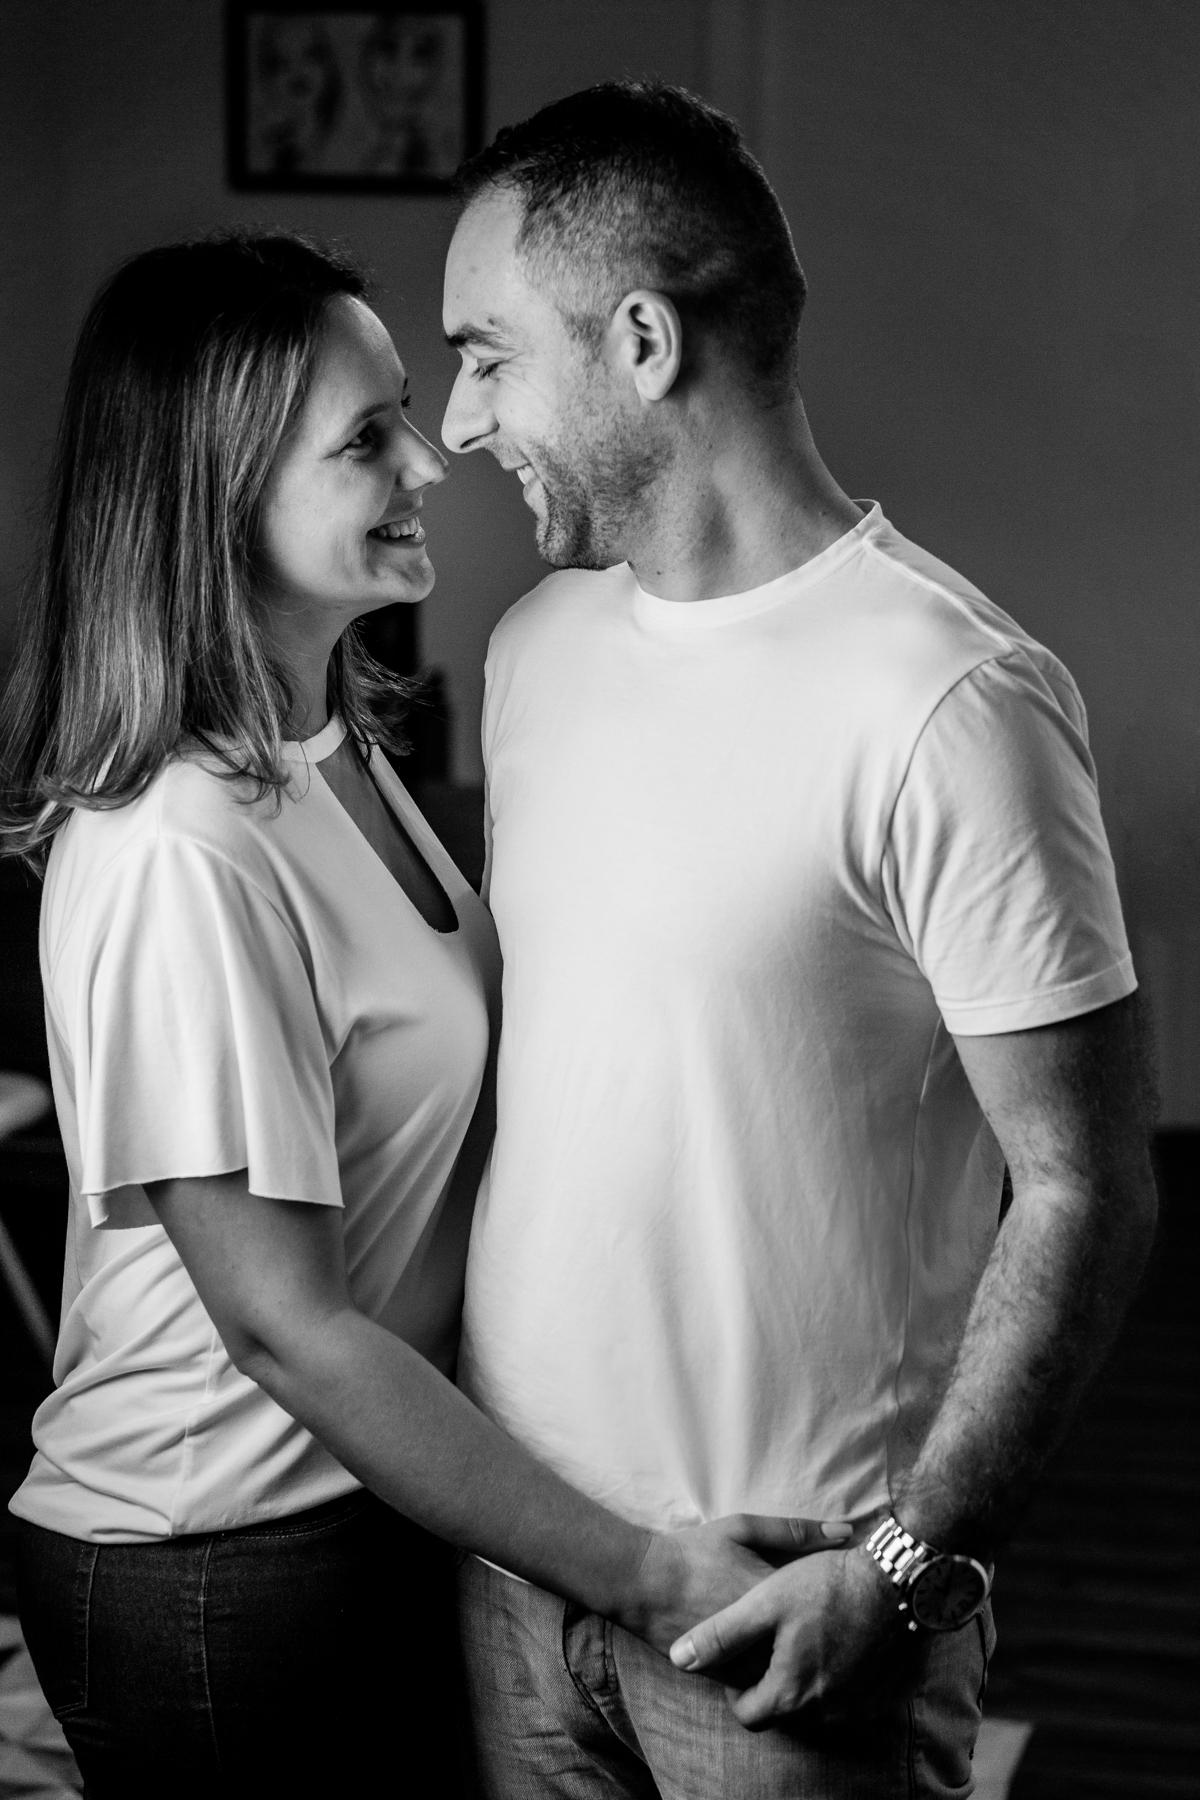 Sobre Fotografo de Casamento/Família/Vida